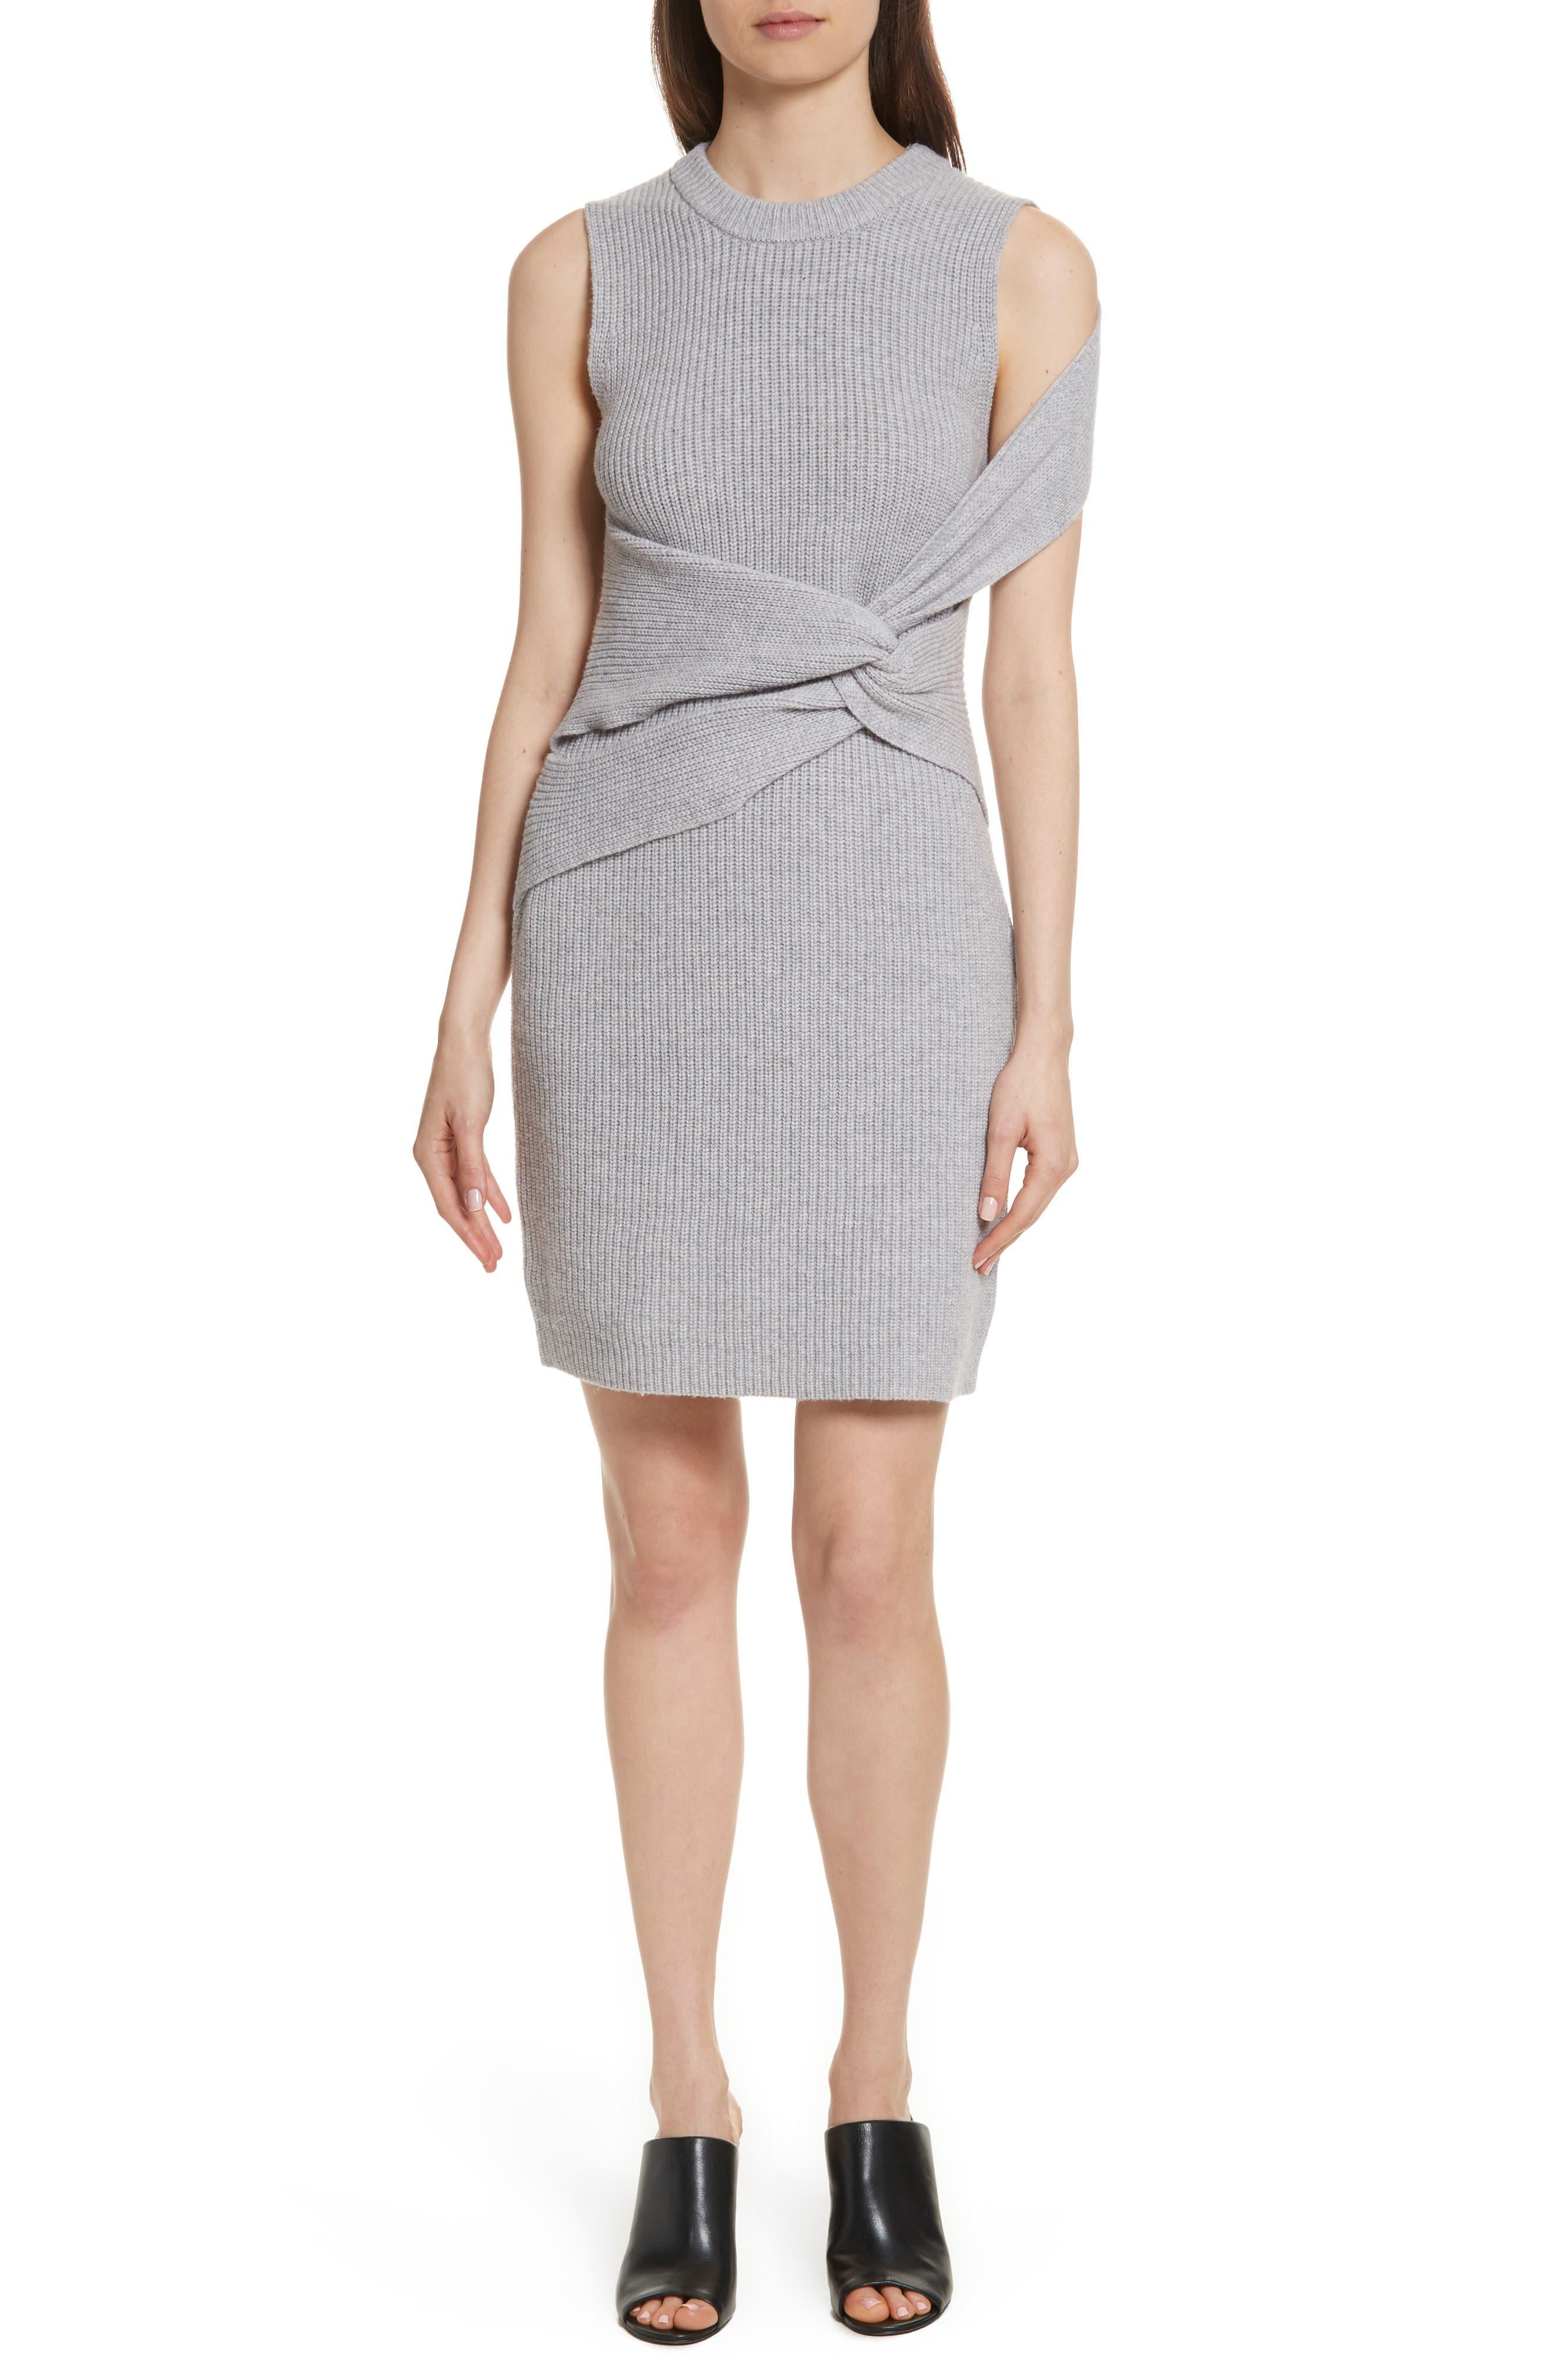 3.1 Phillip Lim Twist Knit Dress